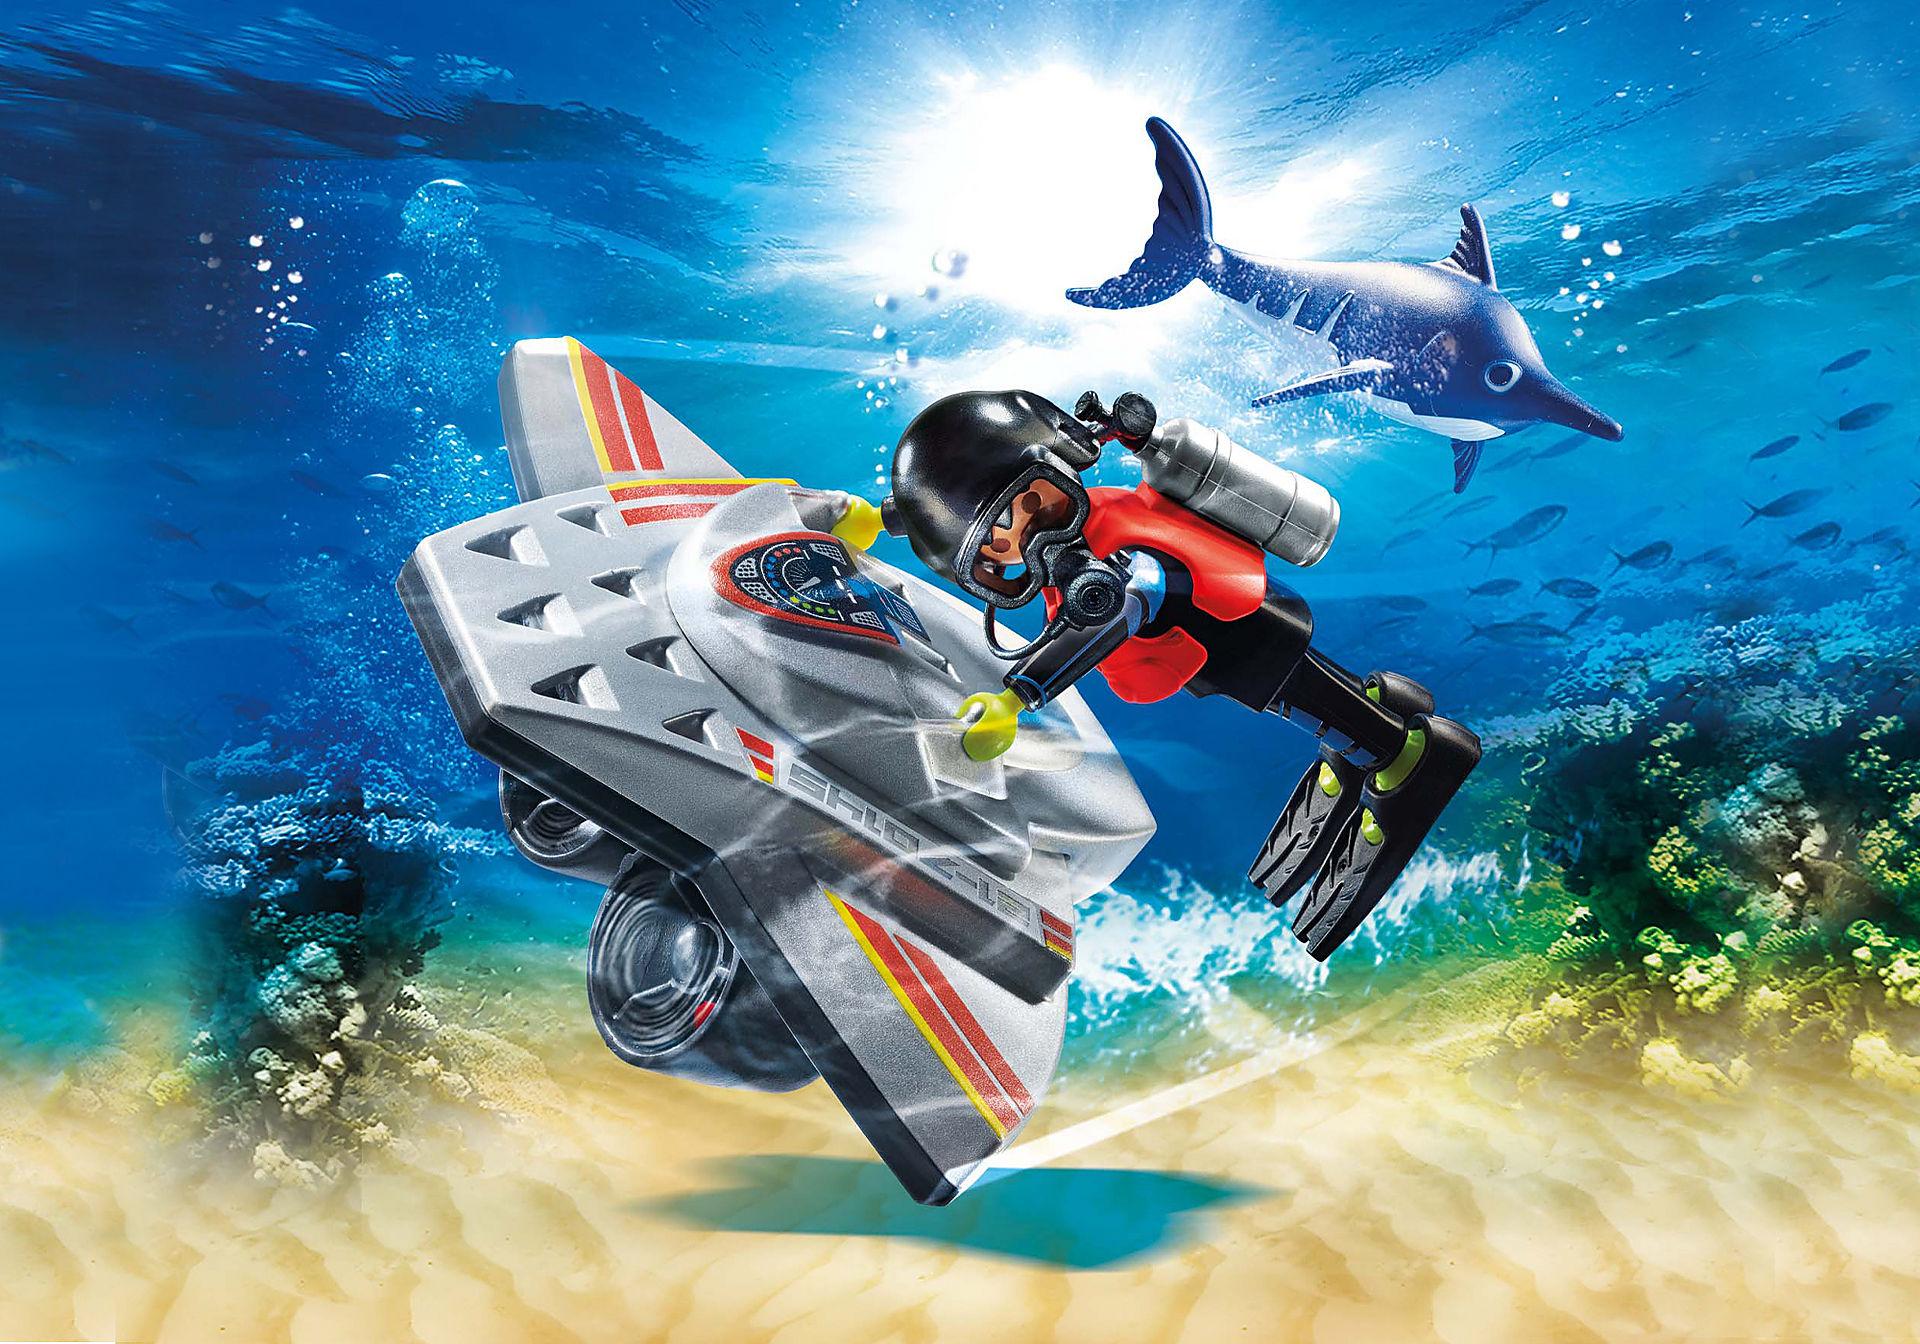 70145 Redding op zee: duikscooter in de reddingsmissie zoom image1